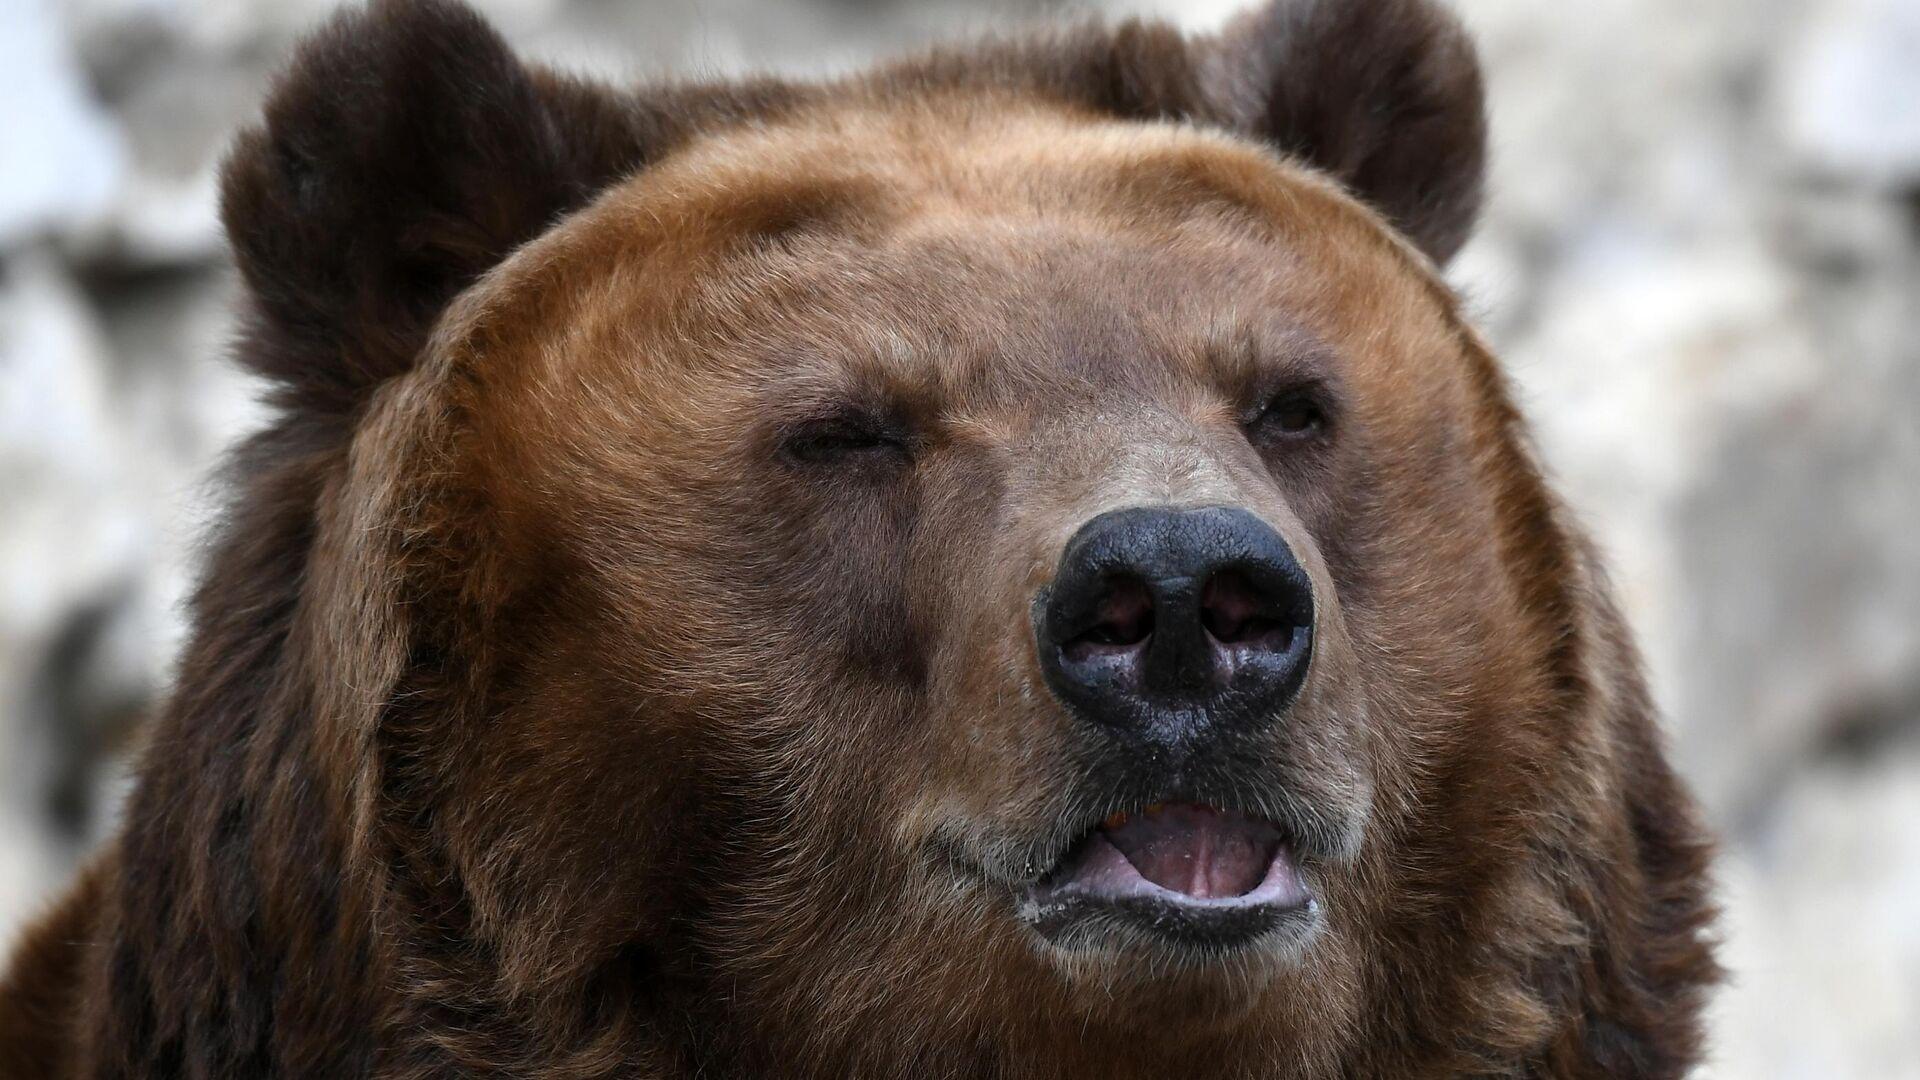 1552460957 0:125:2787:1693 1920x0 80 0 0 dc7d18a37764a314d1d6c35726f3589a - В Башкирии грибники обнаружили истощенного медведя, запертого в клетке